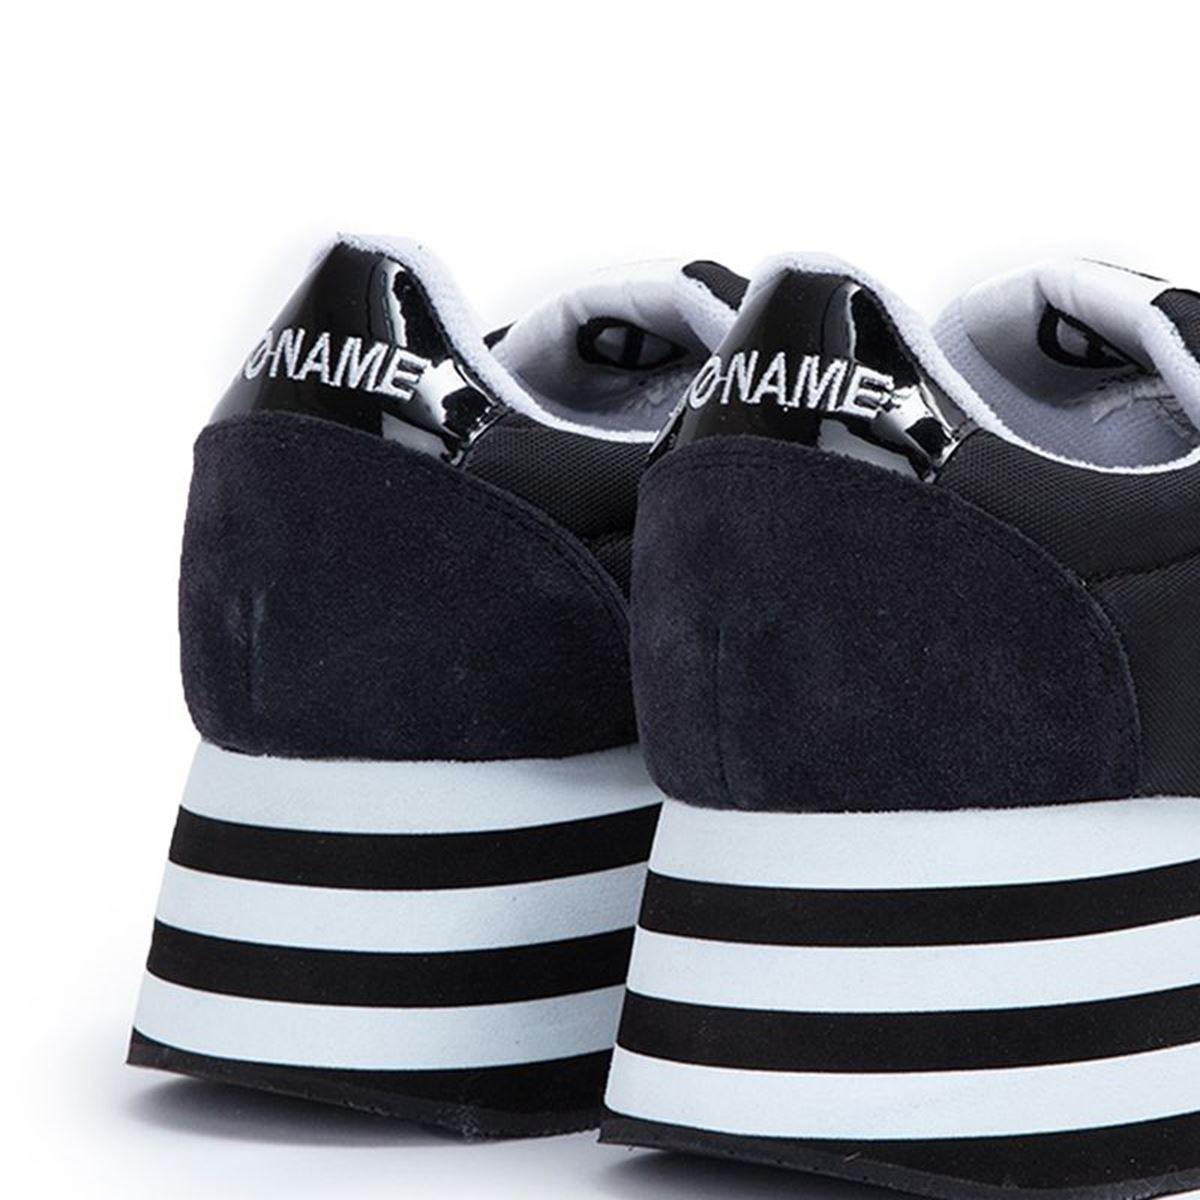 [新入荷][2020秋冬]NO NAME ノーネーム フレックス ブラック FLEX-02301 ※店舗共有商品